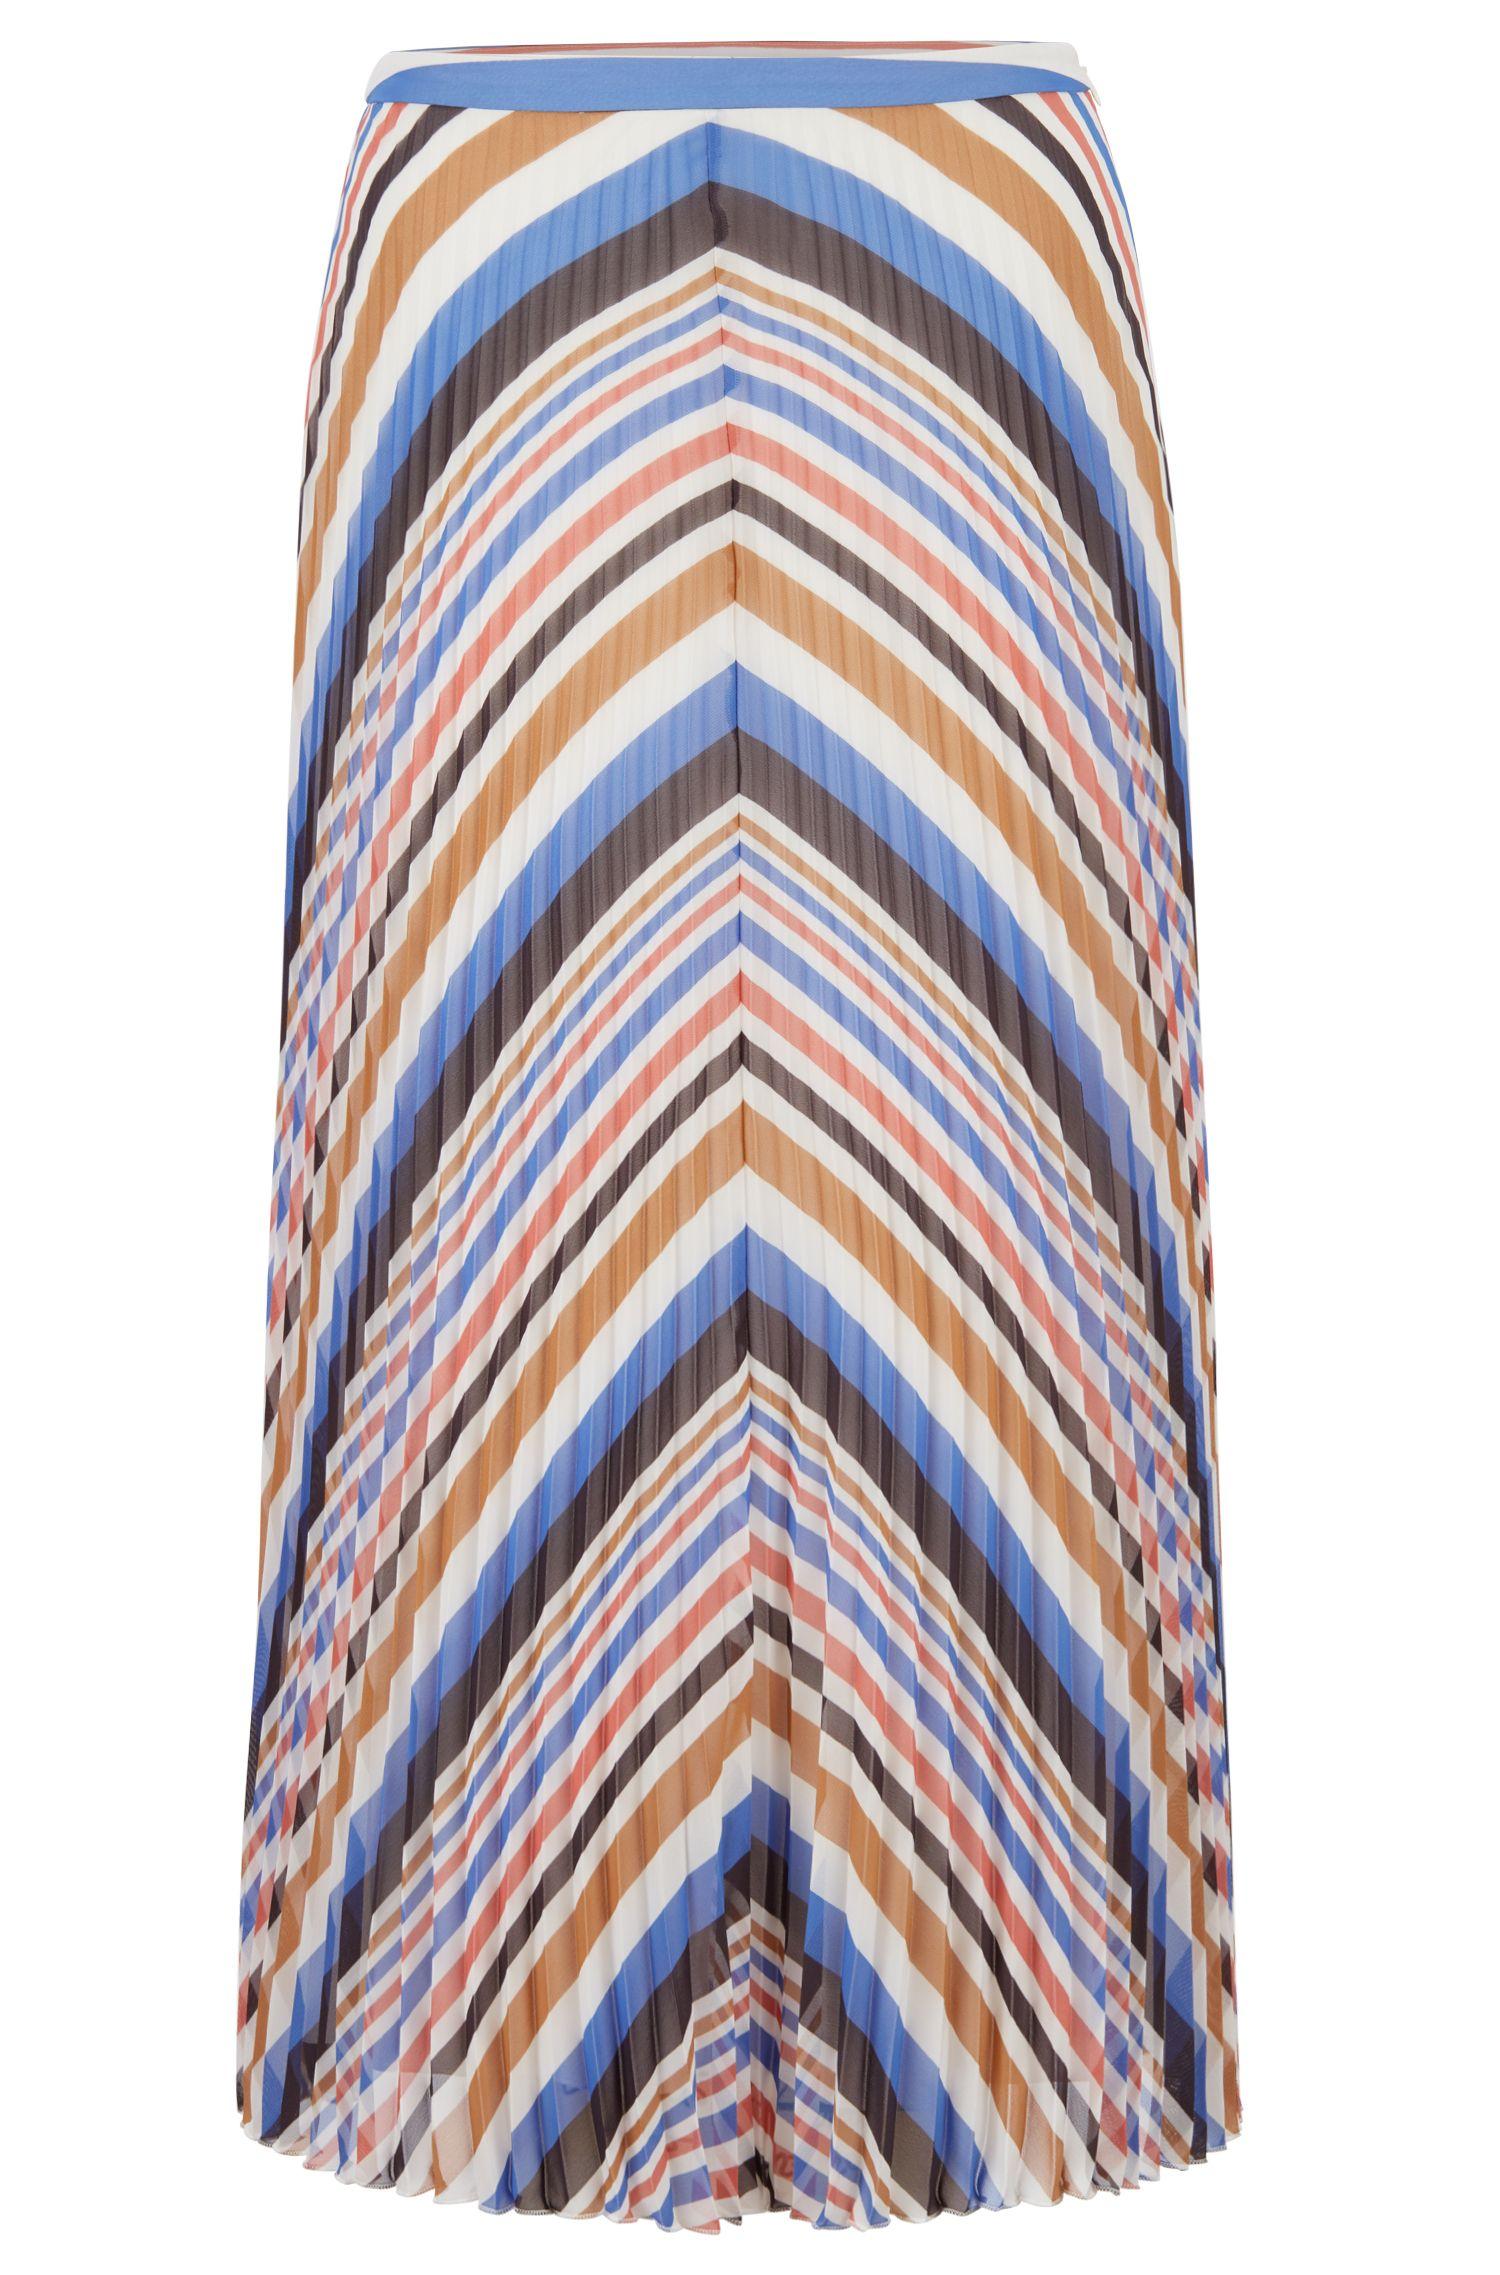 Jupe mi-longue en tissu plissé à rayures multicolores, Fantaisie